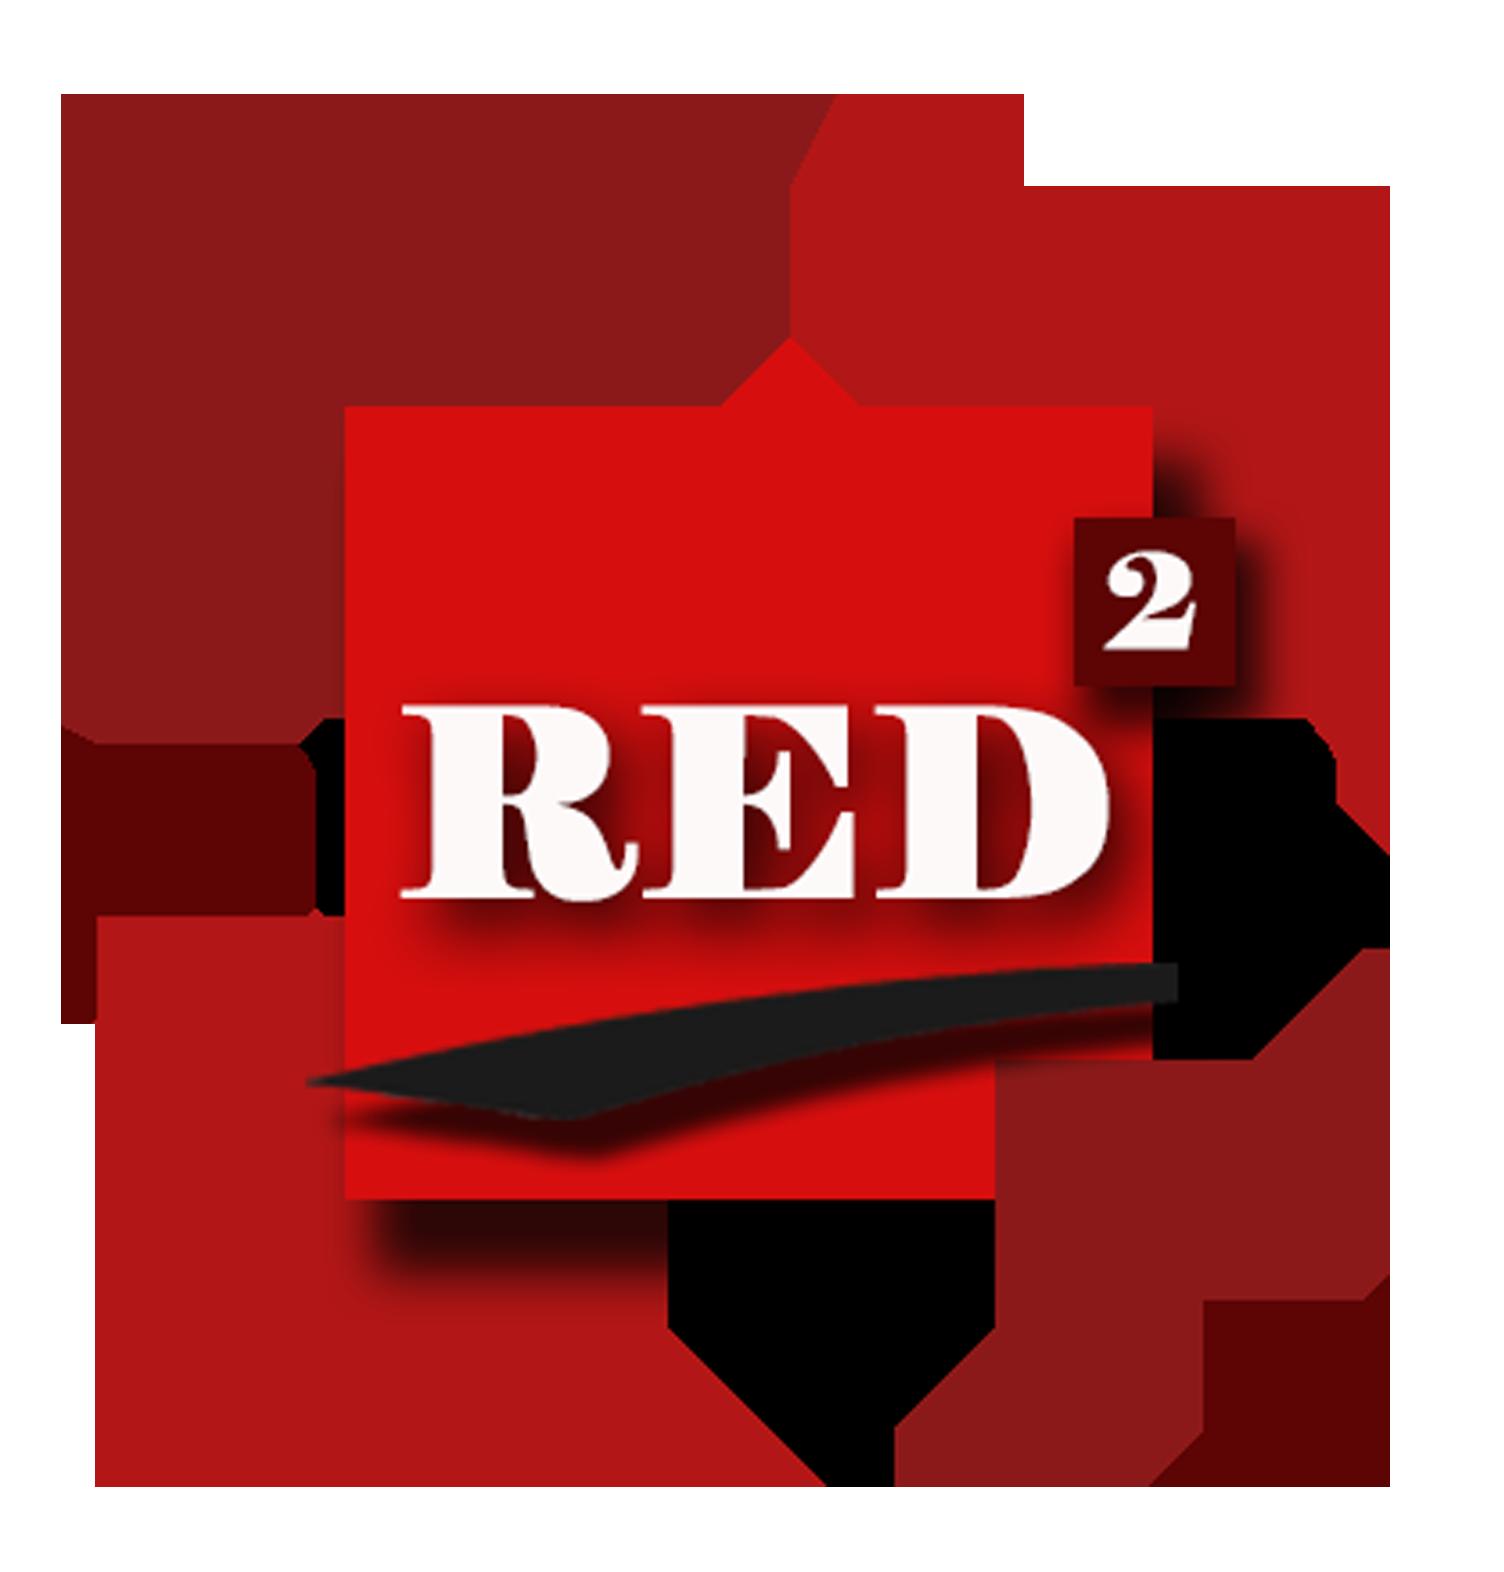 RED2: Réseau des Etudiants Doctorants et Docteurs